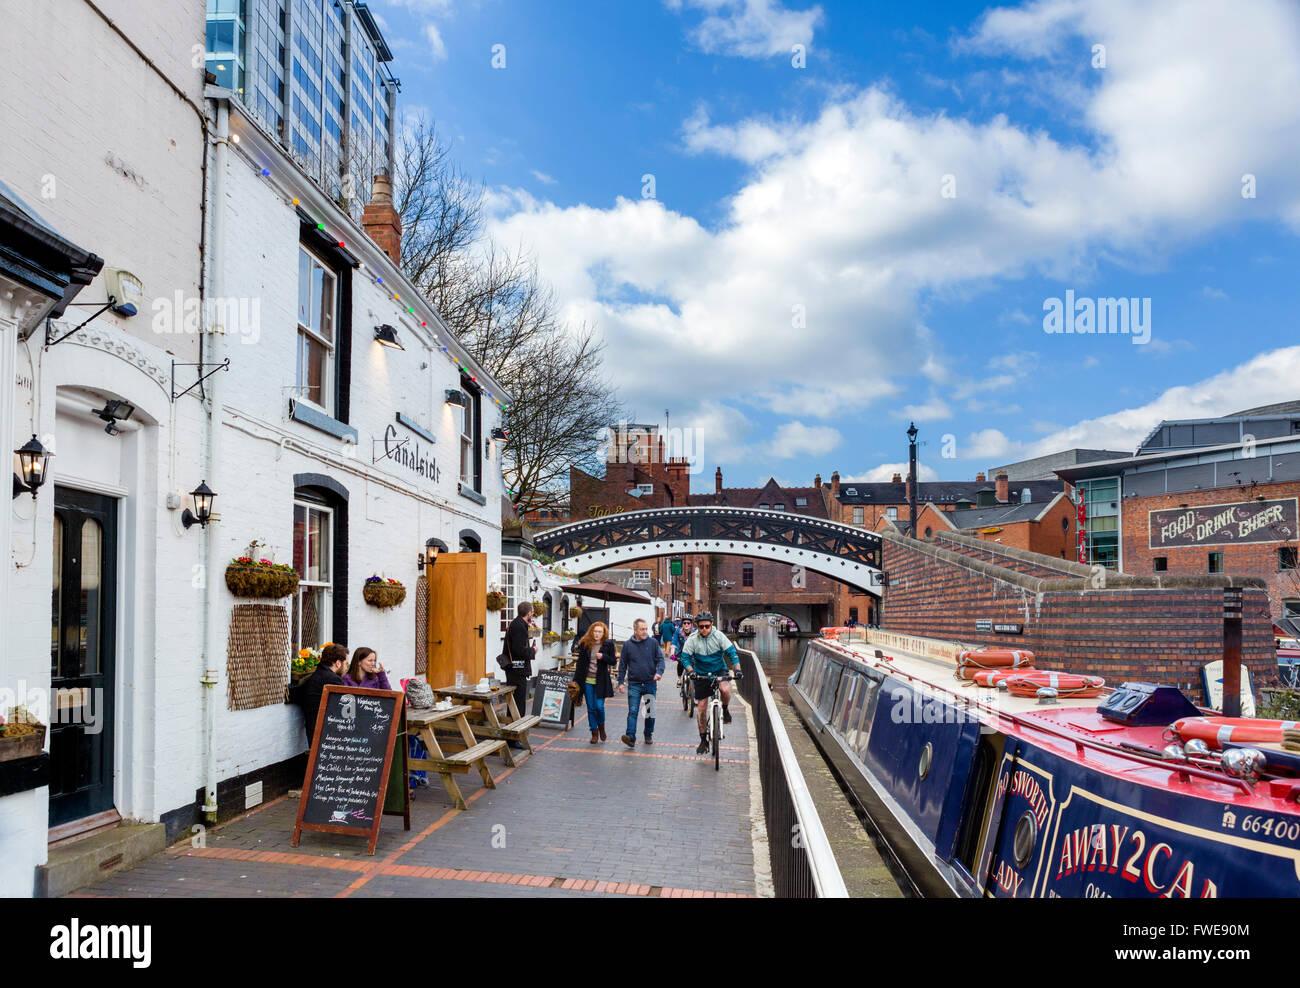 Bar au bord du canal le long du canal au bassin du canal de Gas Street, Birmingham, West Midlands, England, UK Photo Stock